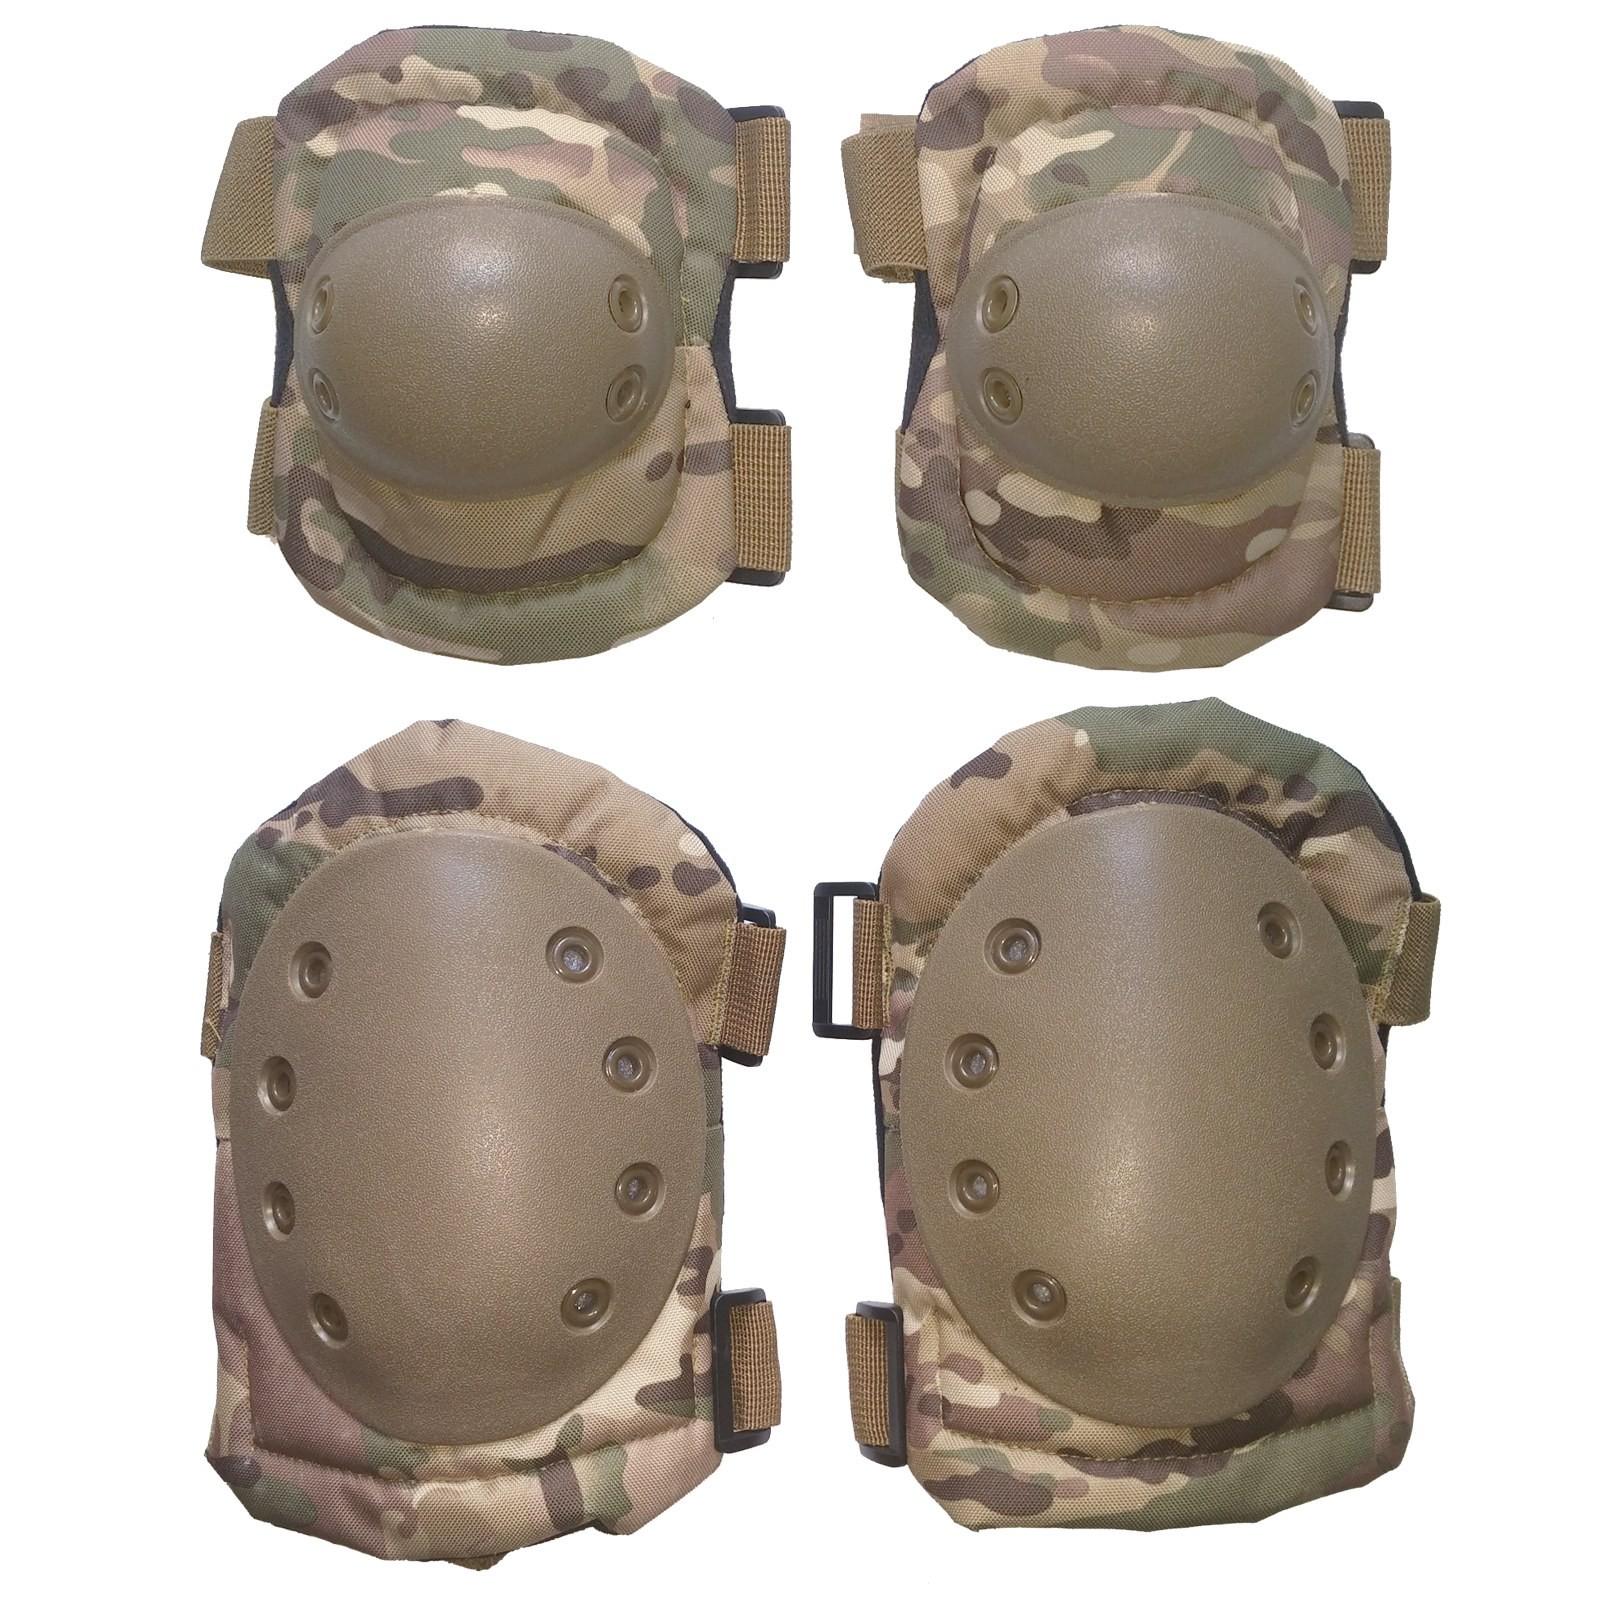 Kit Ginocchiere Gomitiere Protezione Rigide Softair Protezioni Sport Multicam